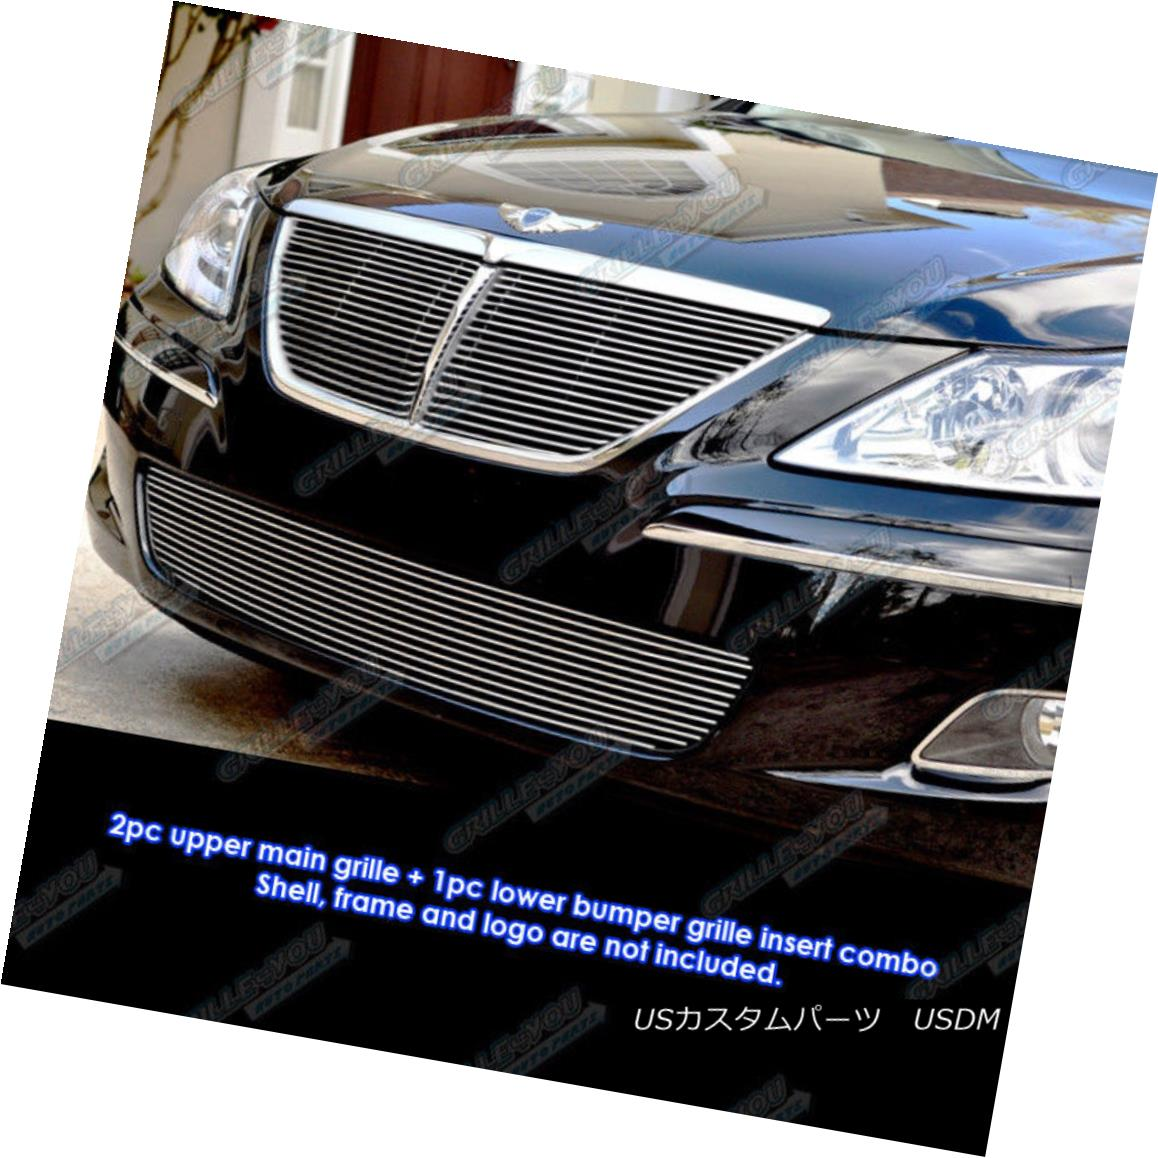 グリル Fits 09-11 2011 Genesis Sedan Billet Grille Insert Combo フィット2011年9月11日ジェネシスセダンビレットグリルインサートコンボ